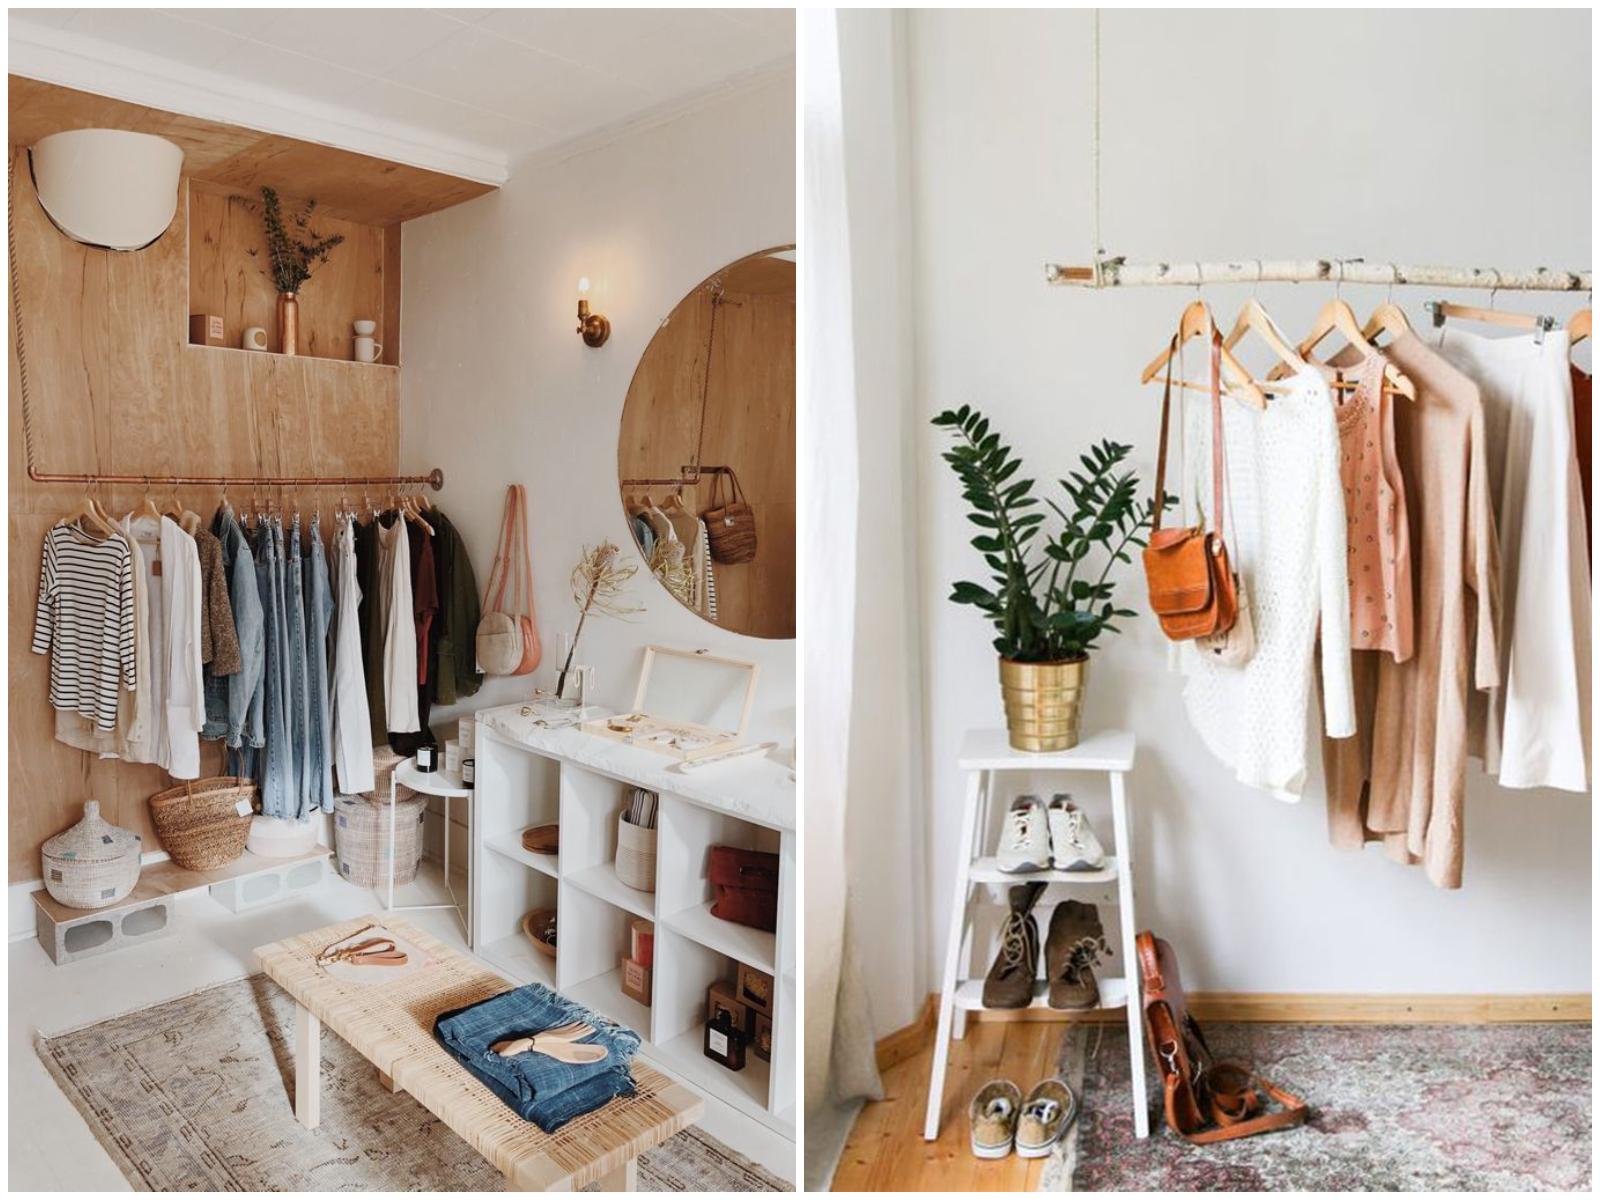 極簡主義穿搭術:膠囊衣櫥的入門物品清單 旋轉拍賣